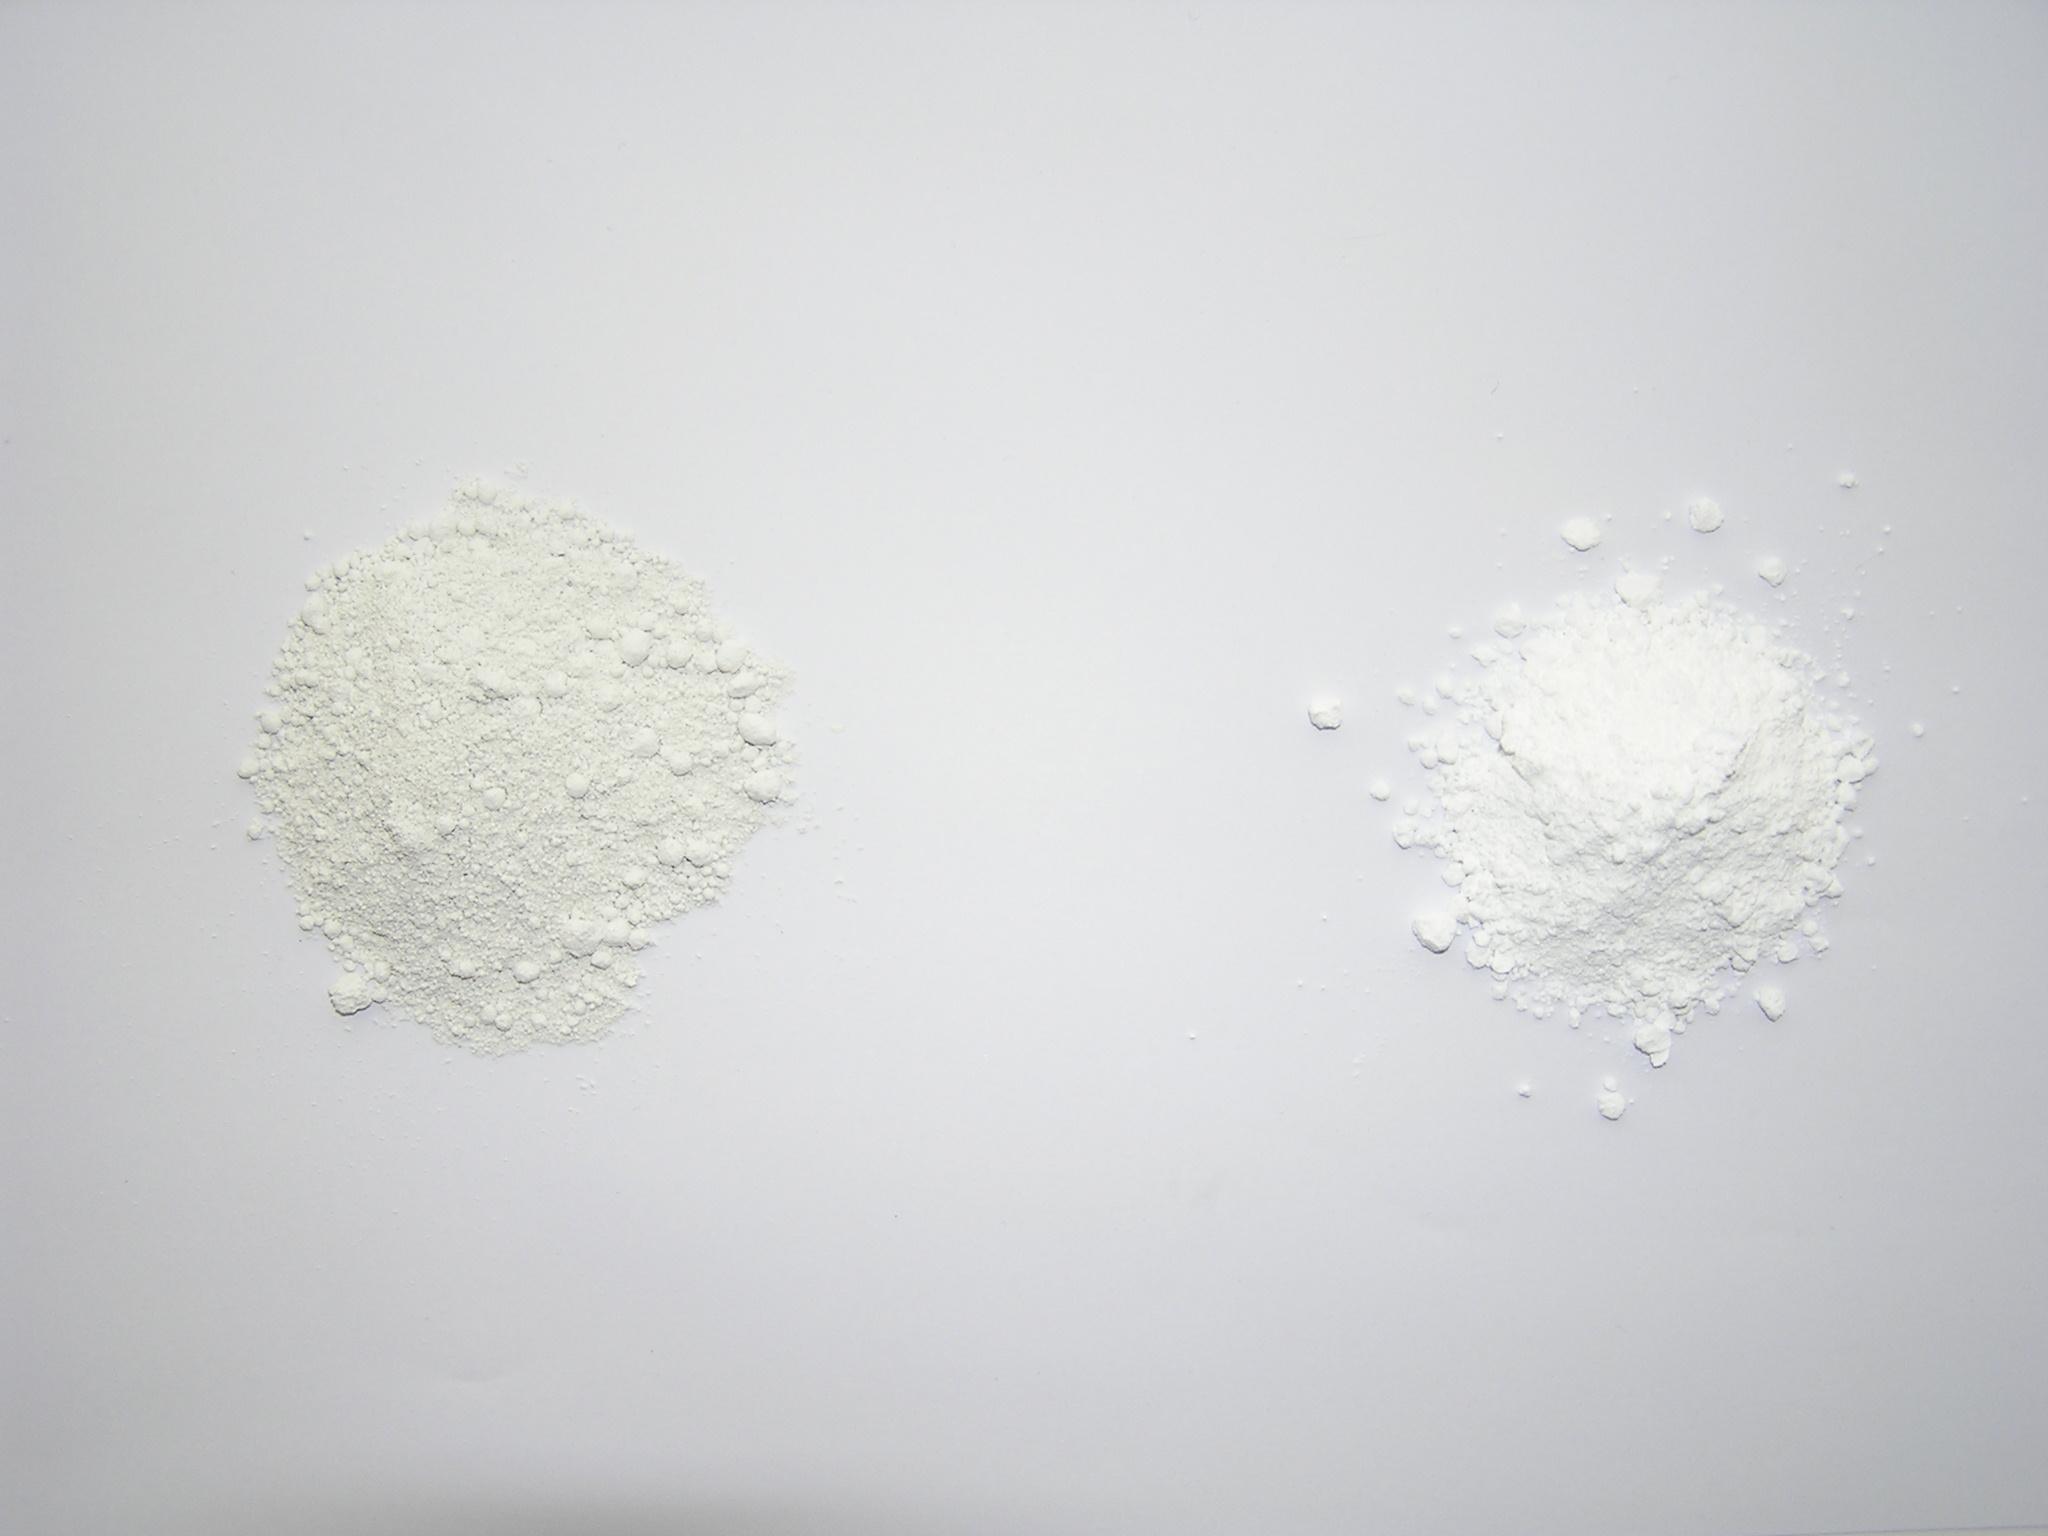 Почувствуйте разницу: оксид цинка реактивного